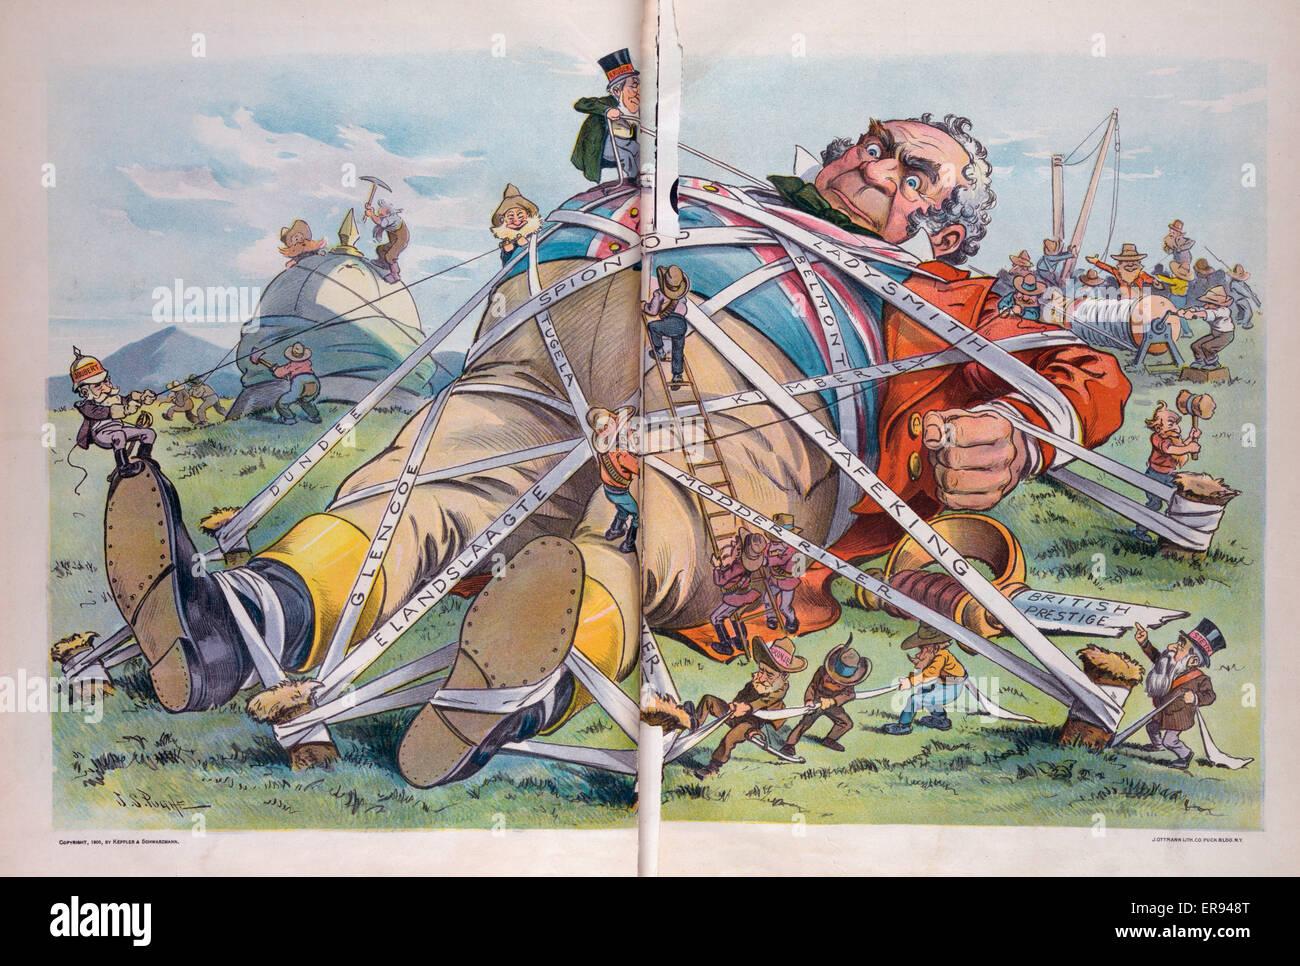 Gulliver Atado Fotos e Imágenes de stock - Alamy